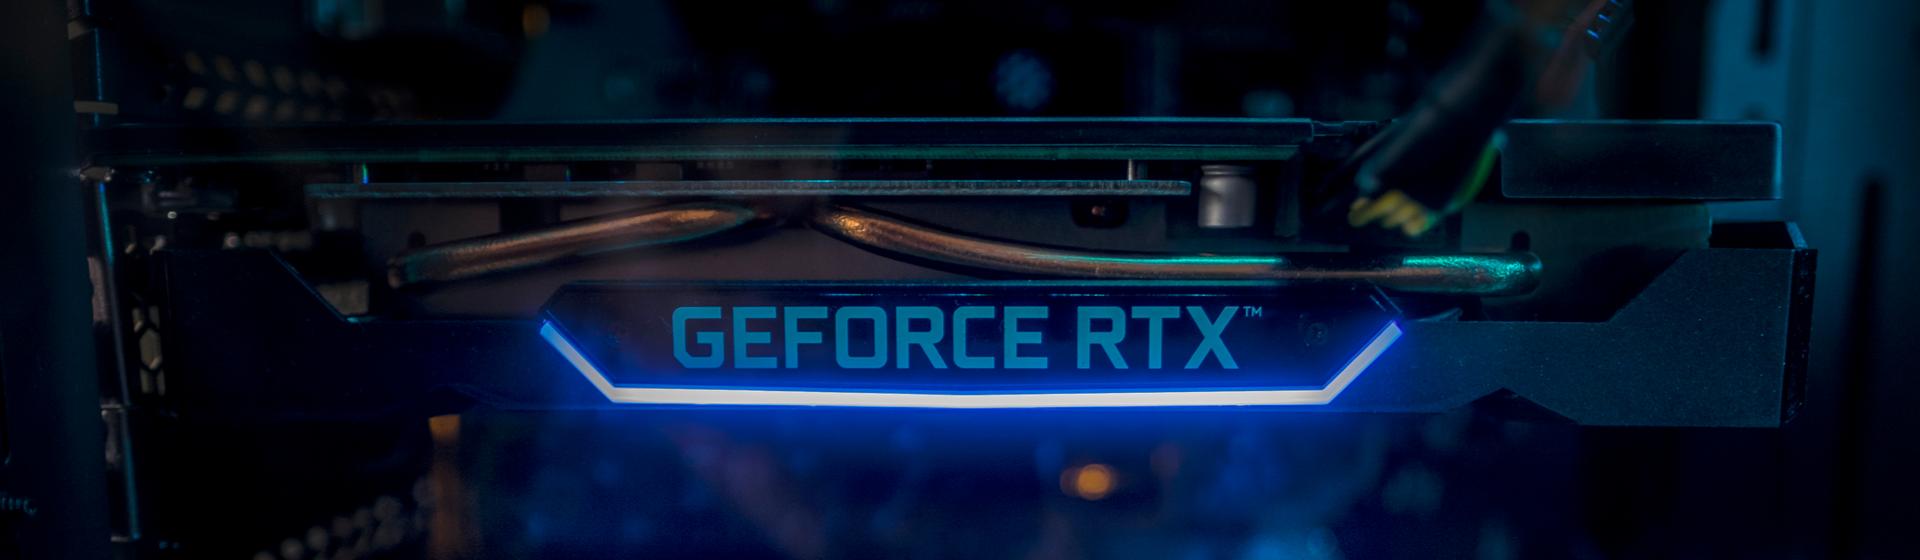 RTX 3080 e 3090: o que esperar das novas placas de vídeo Ampere